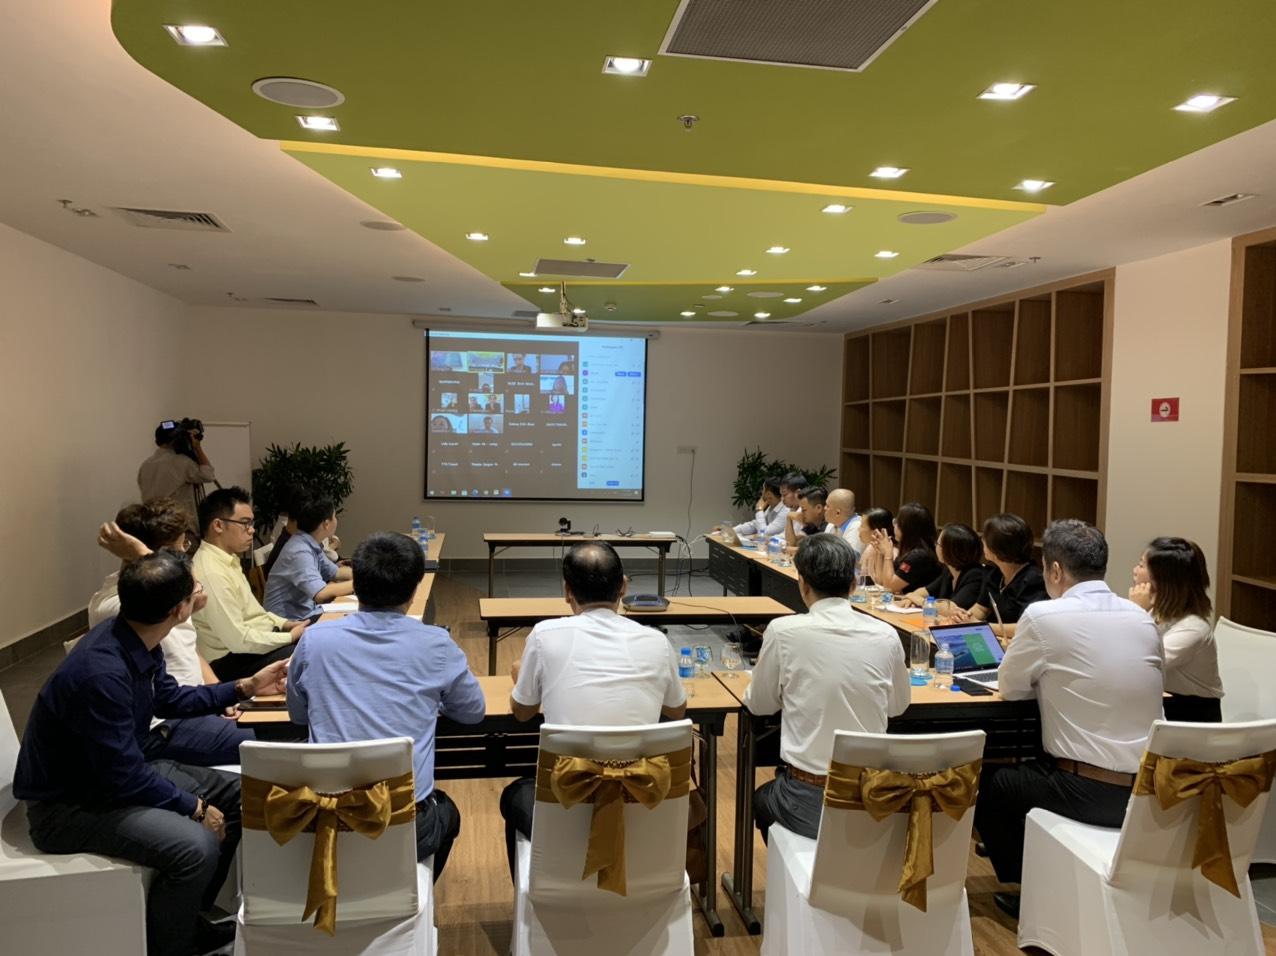 Lãnh đạo Sở Du lịch và các doanh nghiệp du lịch Khánh Hòa trao đổi với các doanh nghiệp trong cả nước qua hệ thống zoom webinar